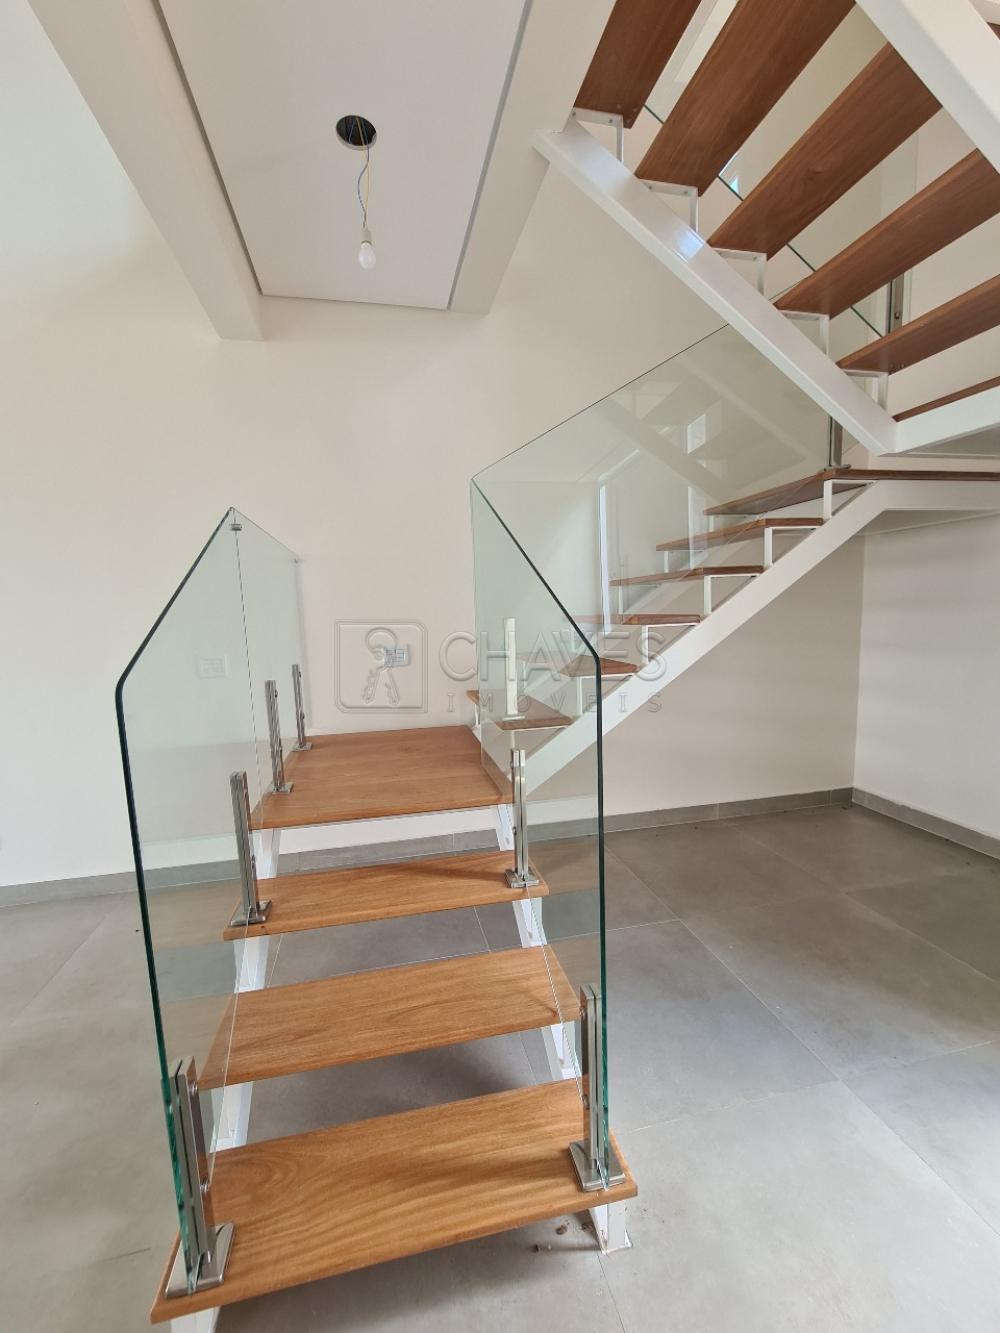 Comprar Casa / Condomínio em Ribeirão Preto R$ 915.000,00 - Foto 3